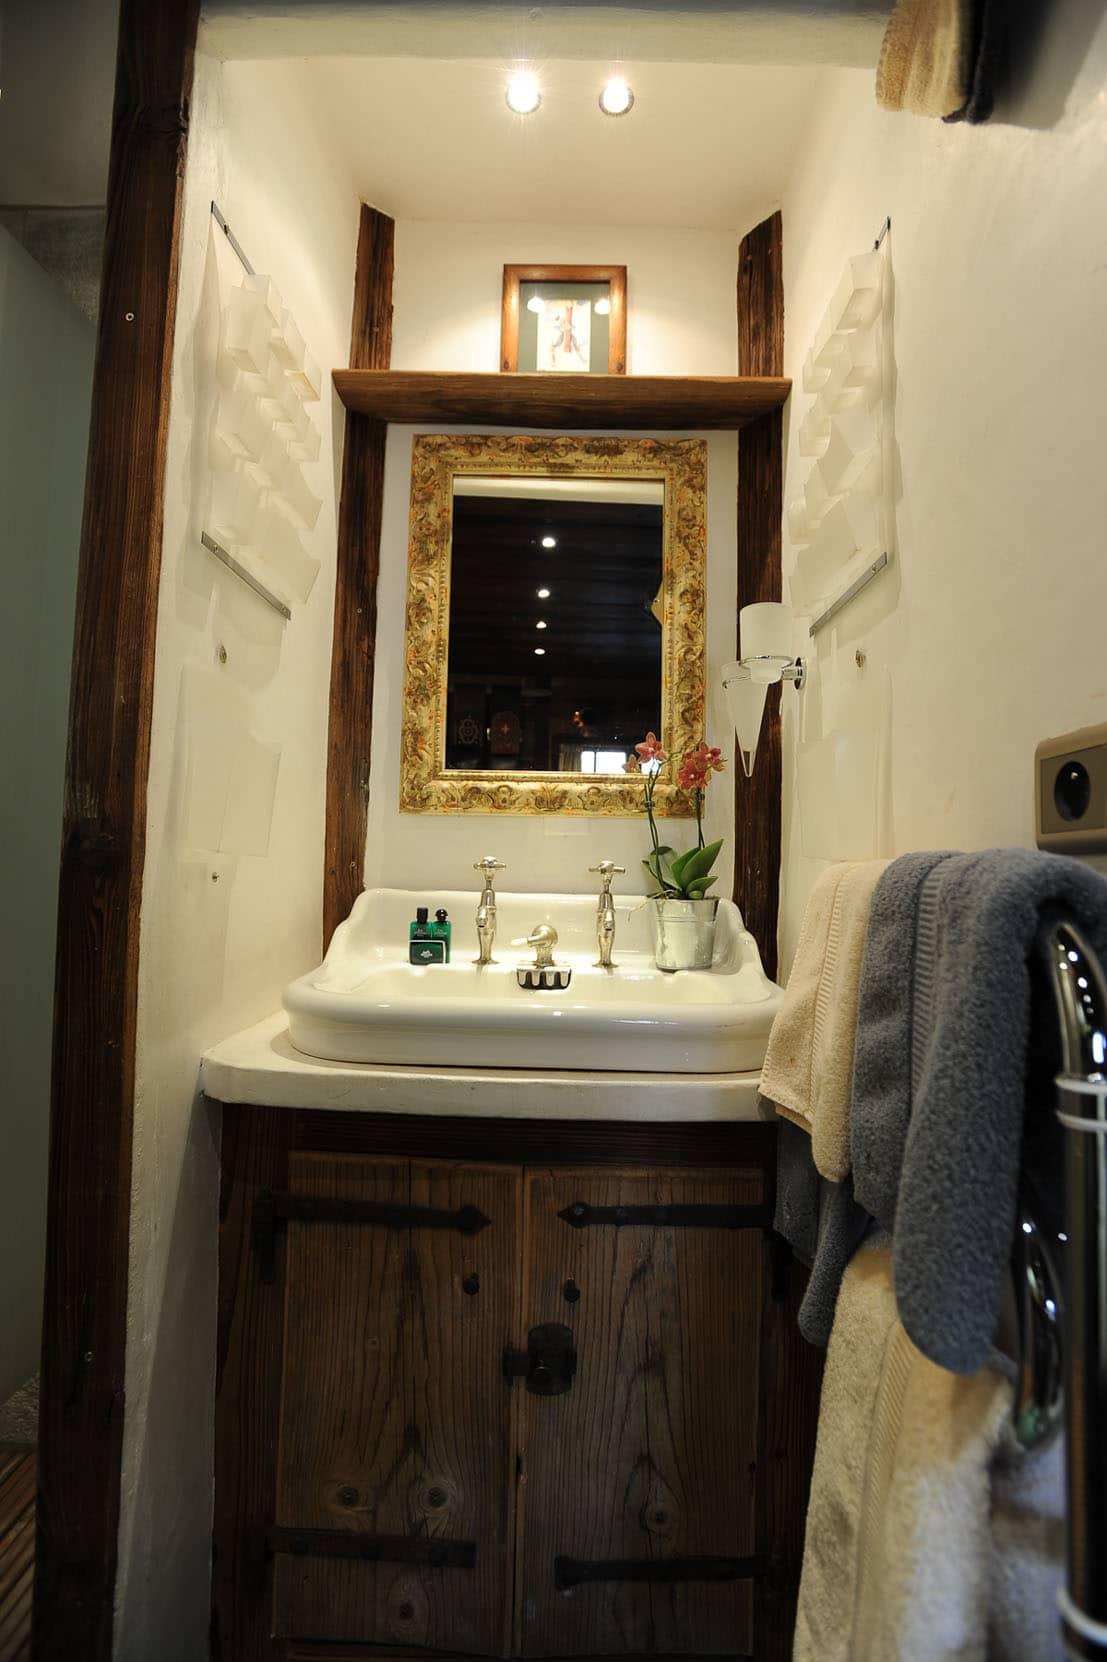 derni re minute ski chamonix chambre aux sonnailles. Black Bedroom Furniture Sets. Home Design Ideas